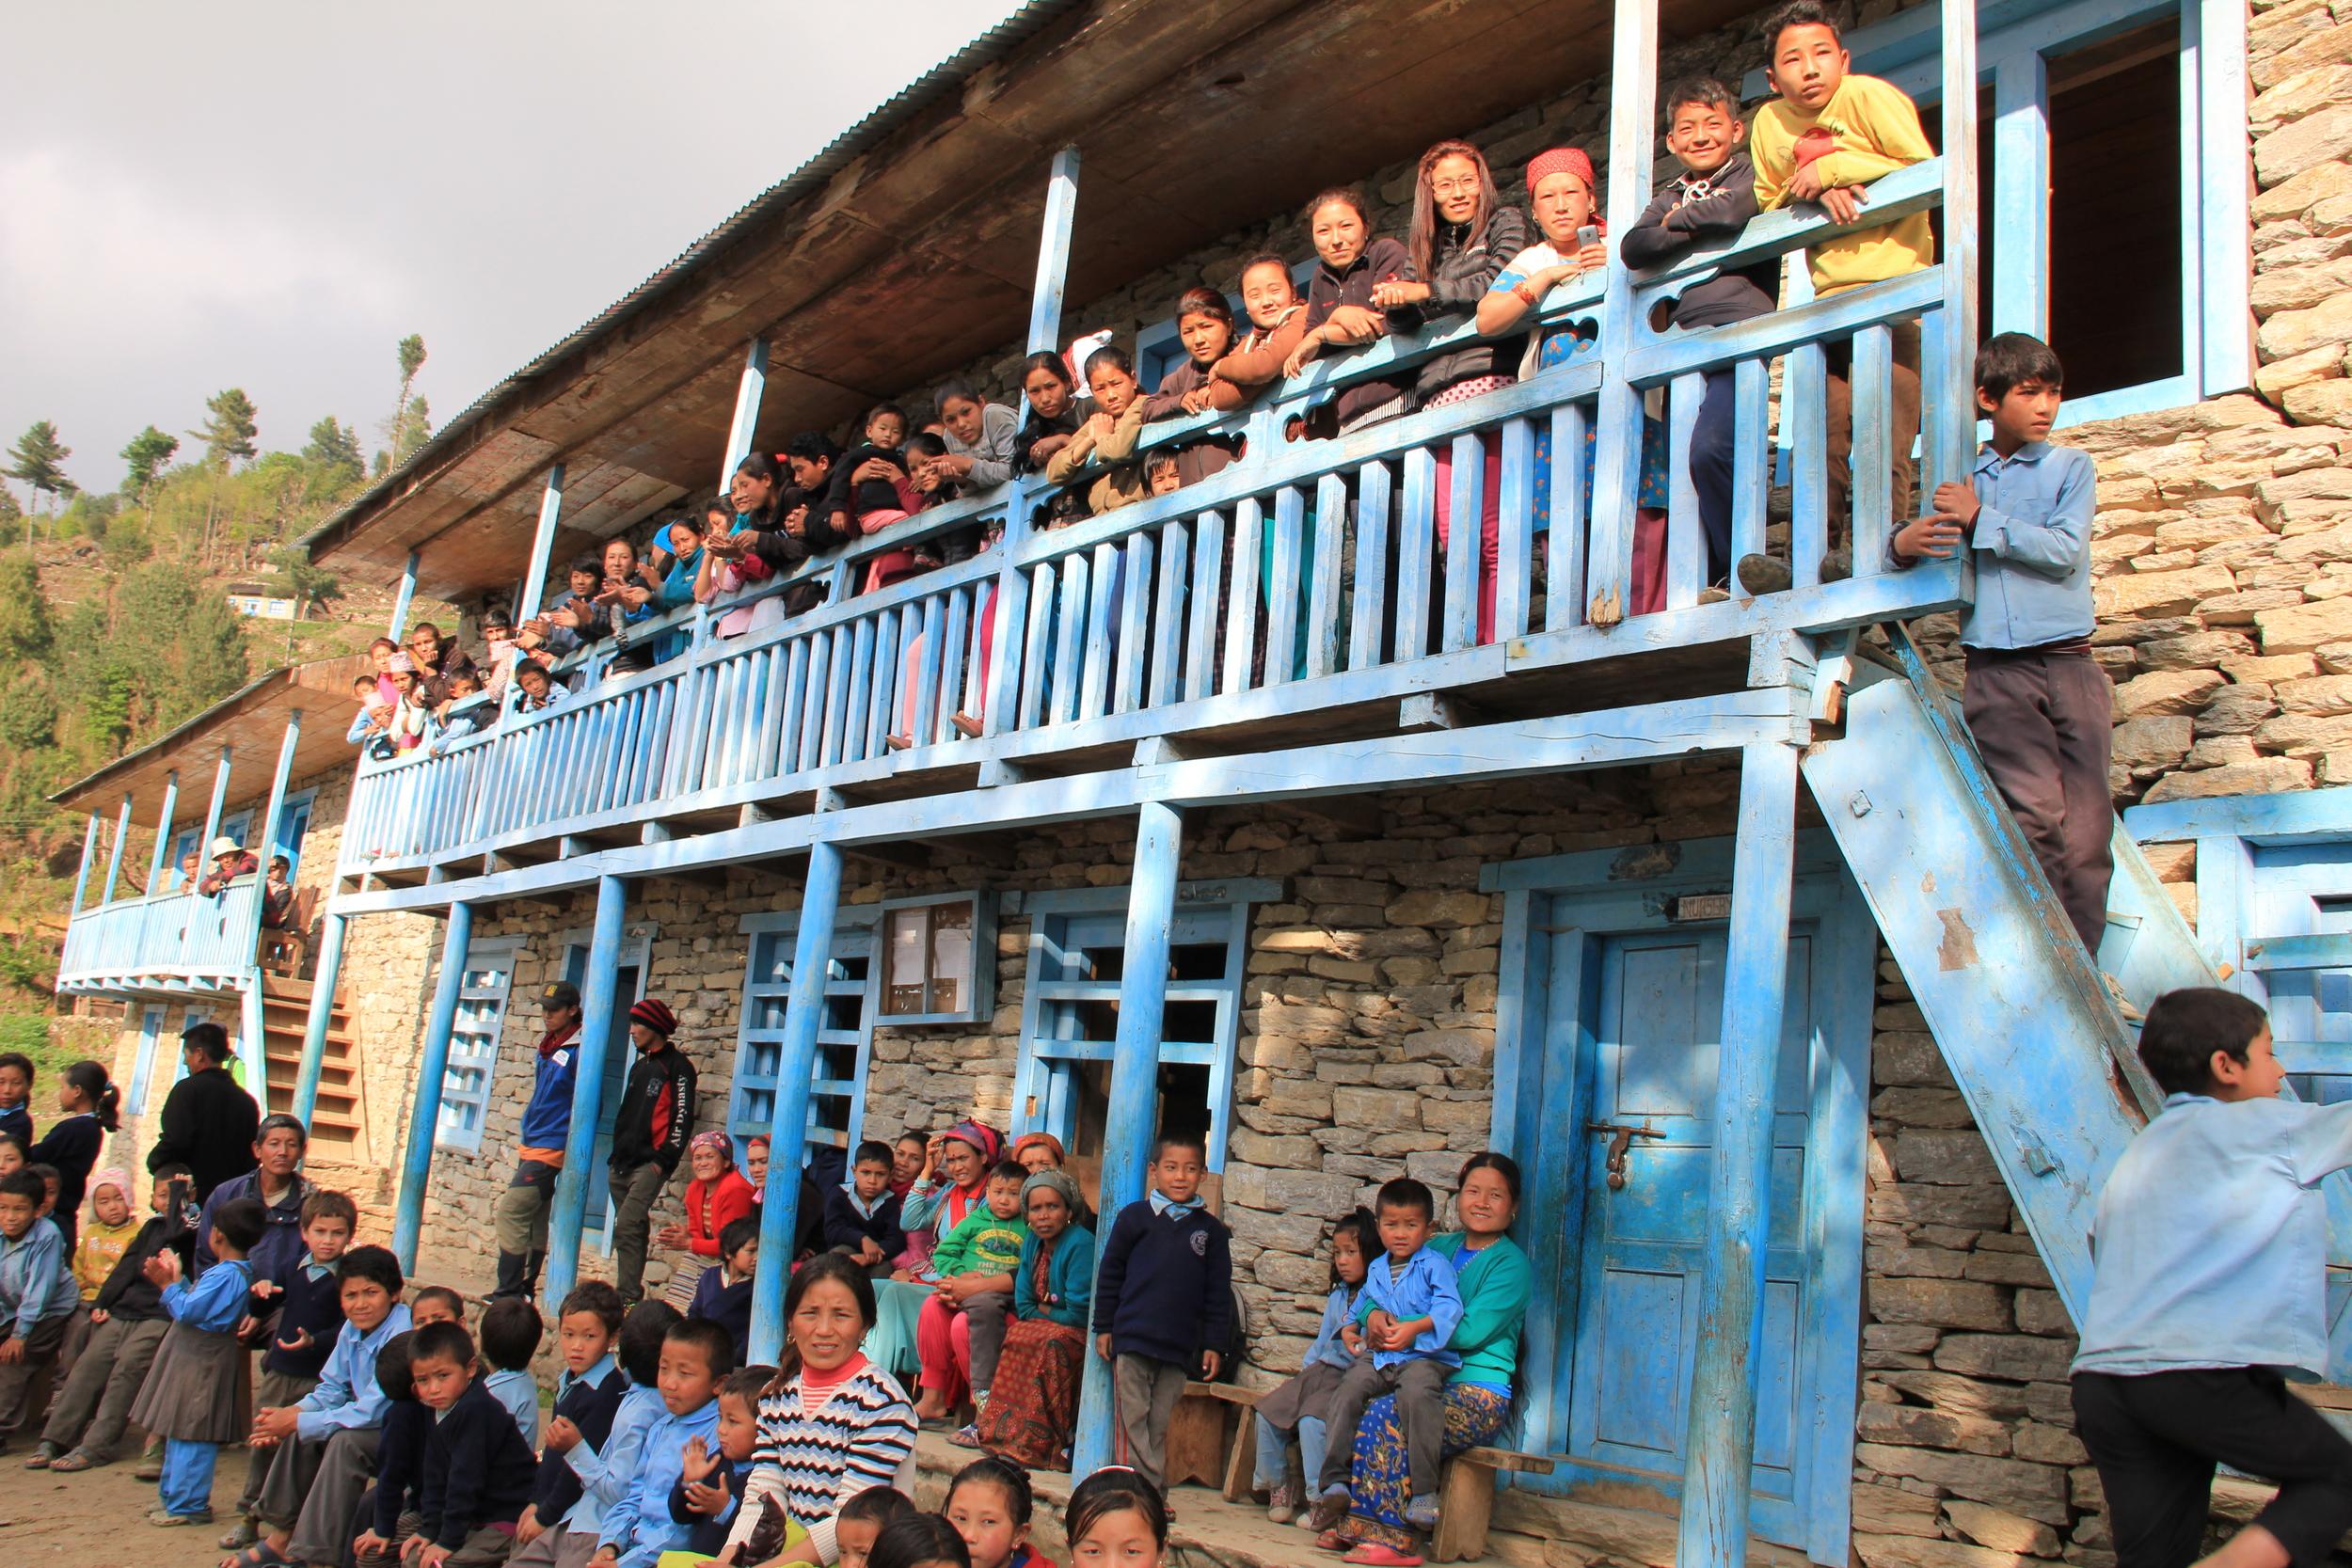 Village kids in front of their school